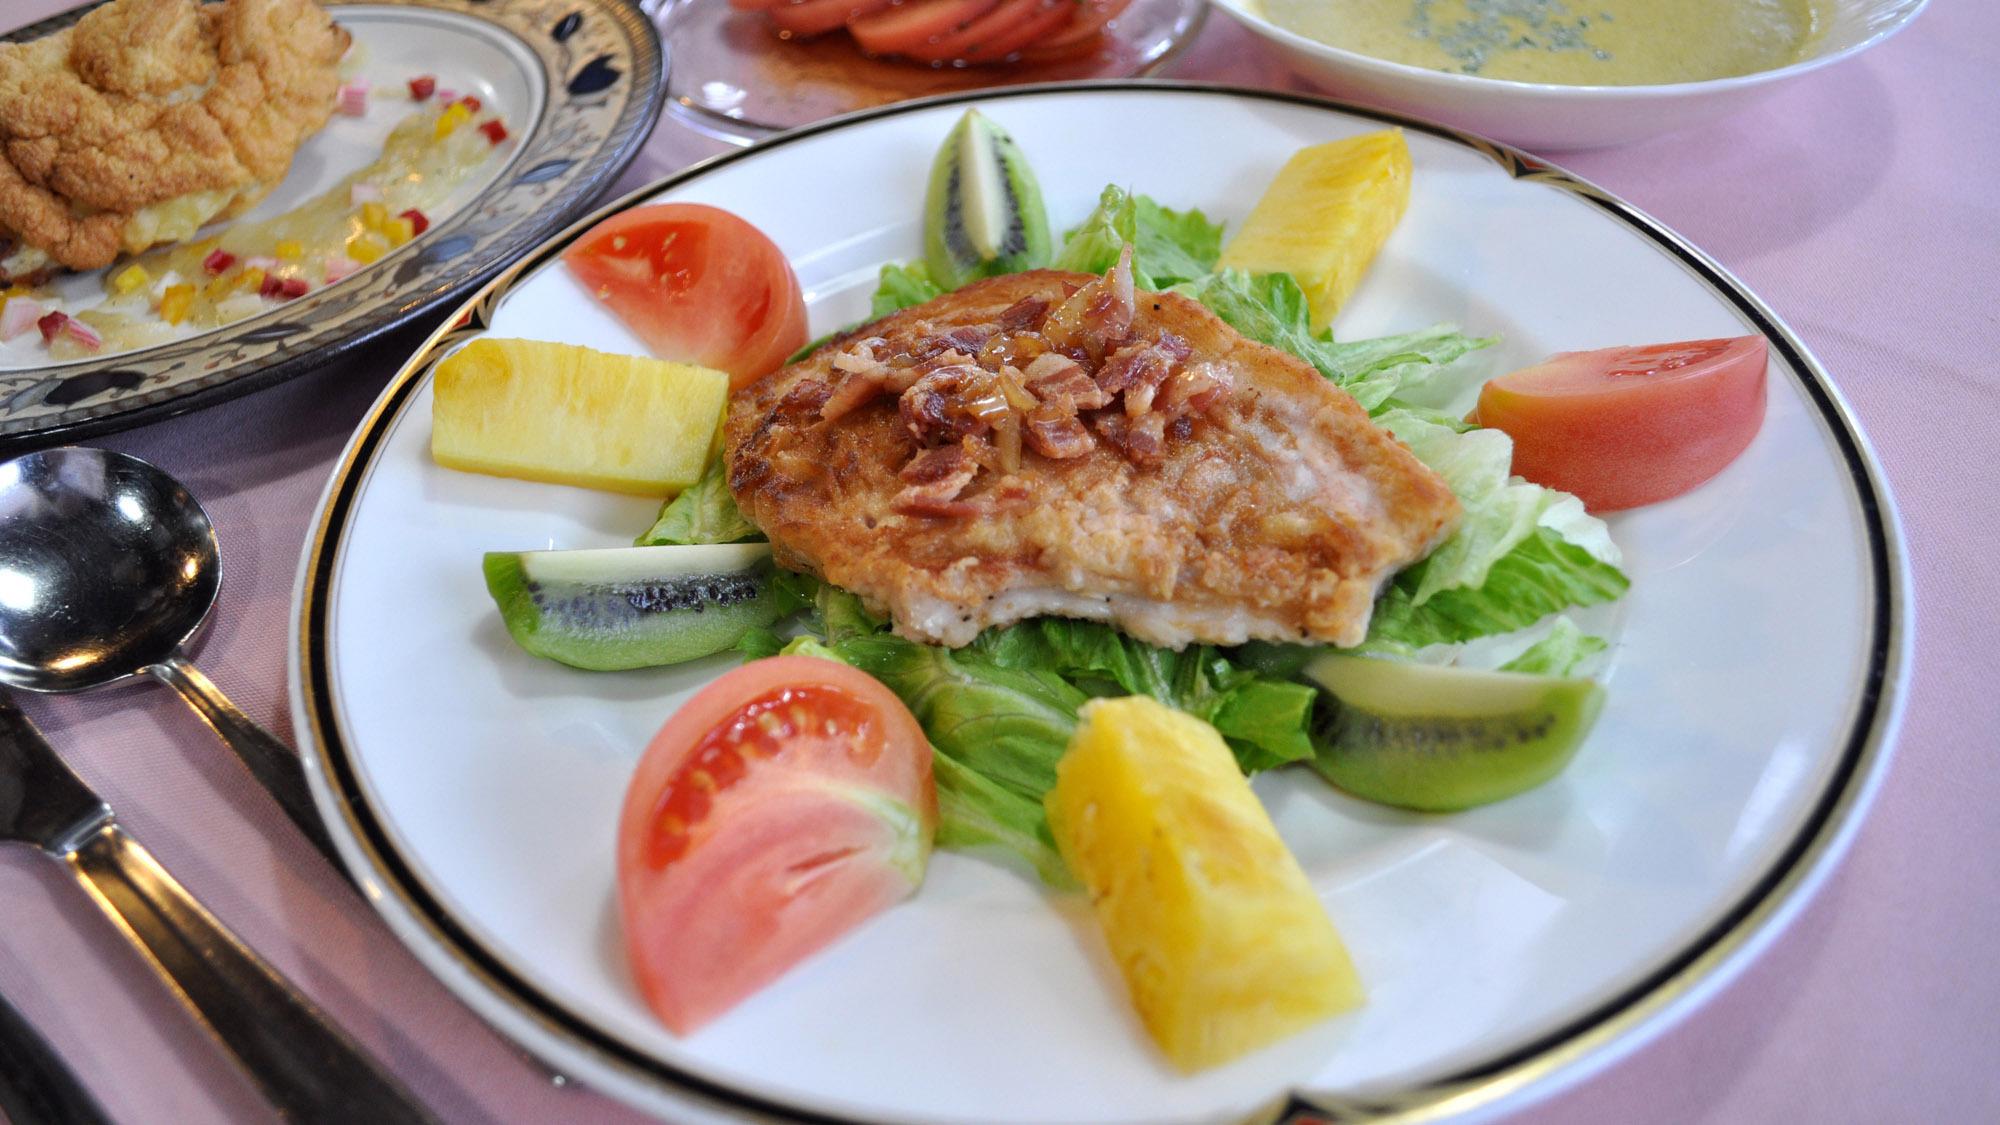 【夕食】地元白馬で育った「白馬ポーク」を使ったお肉料理です